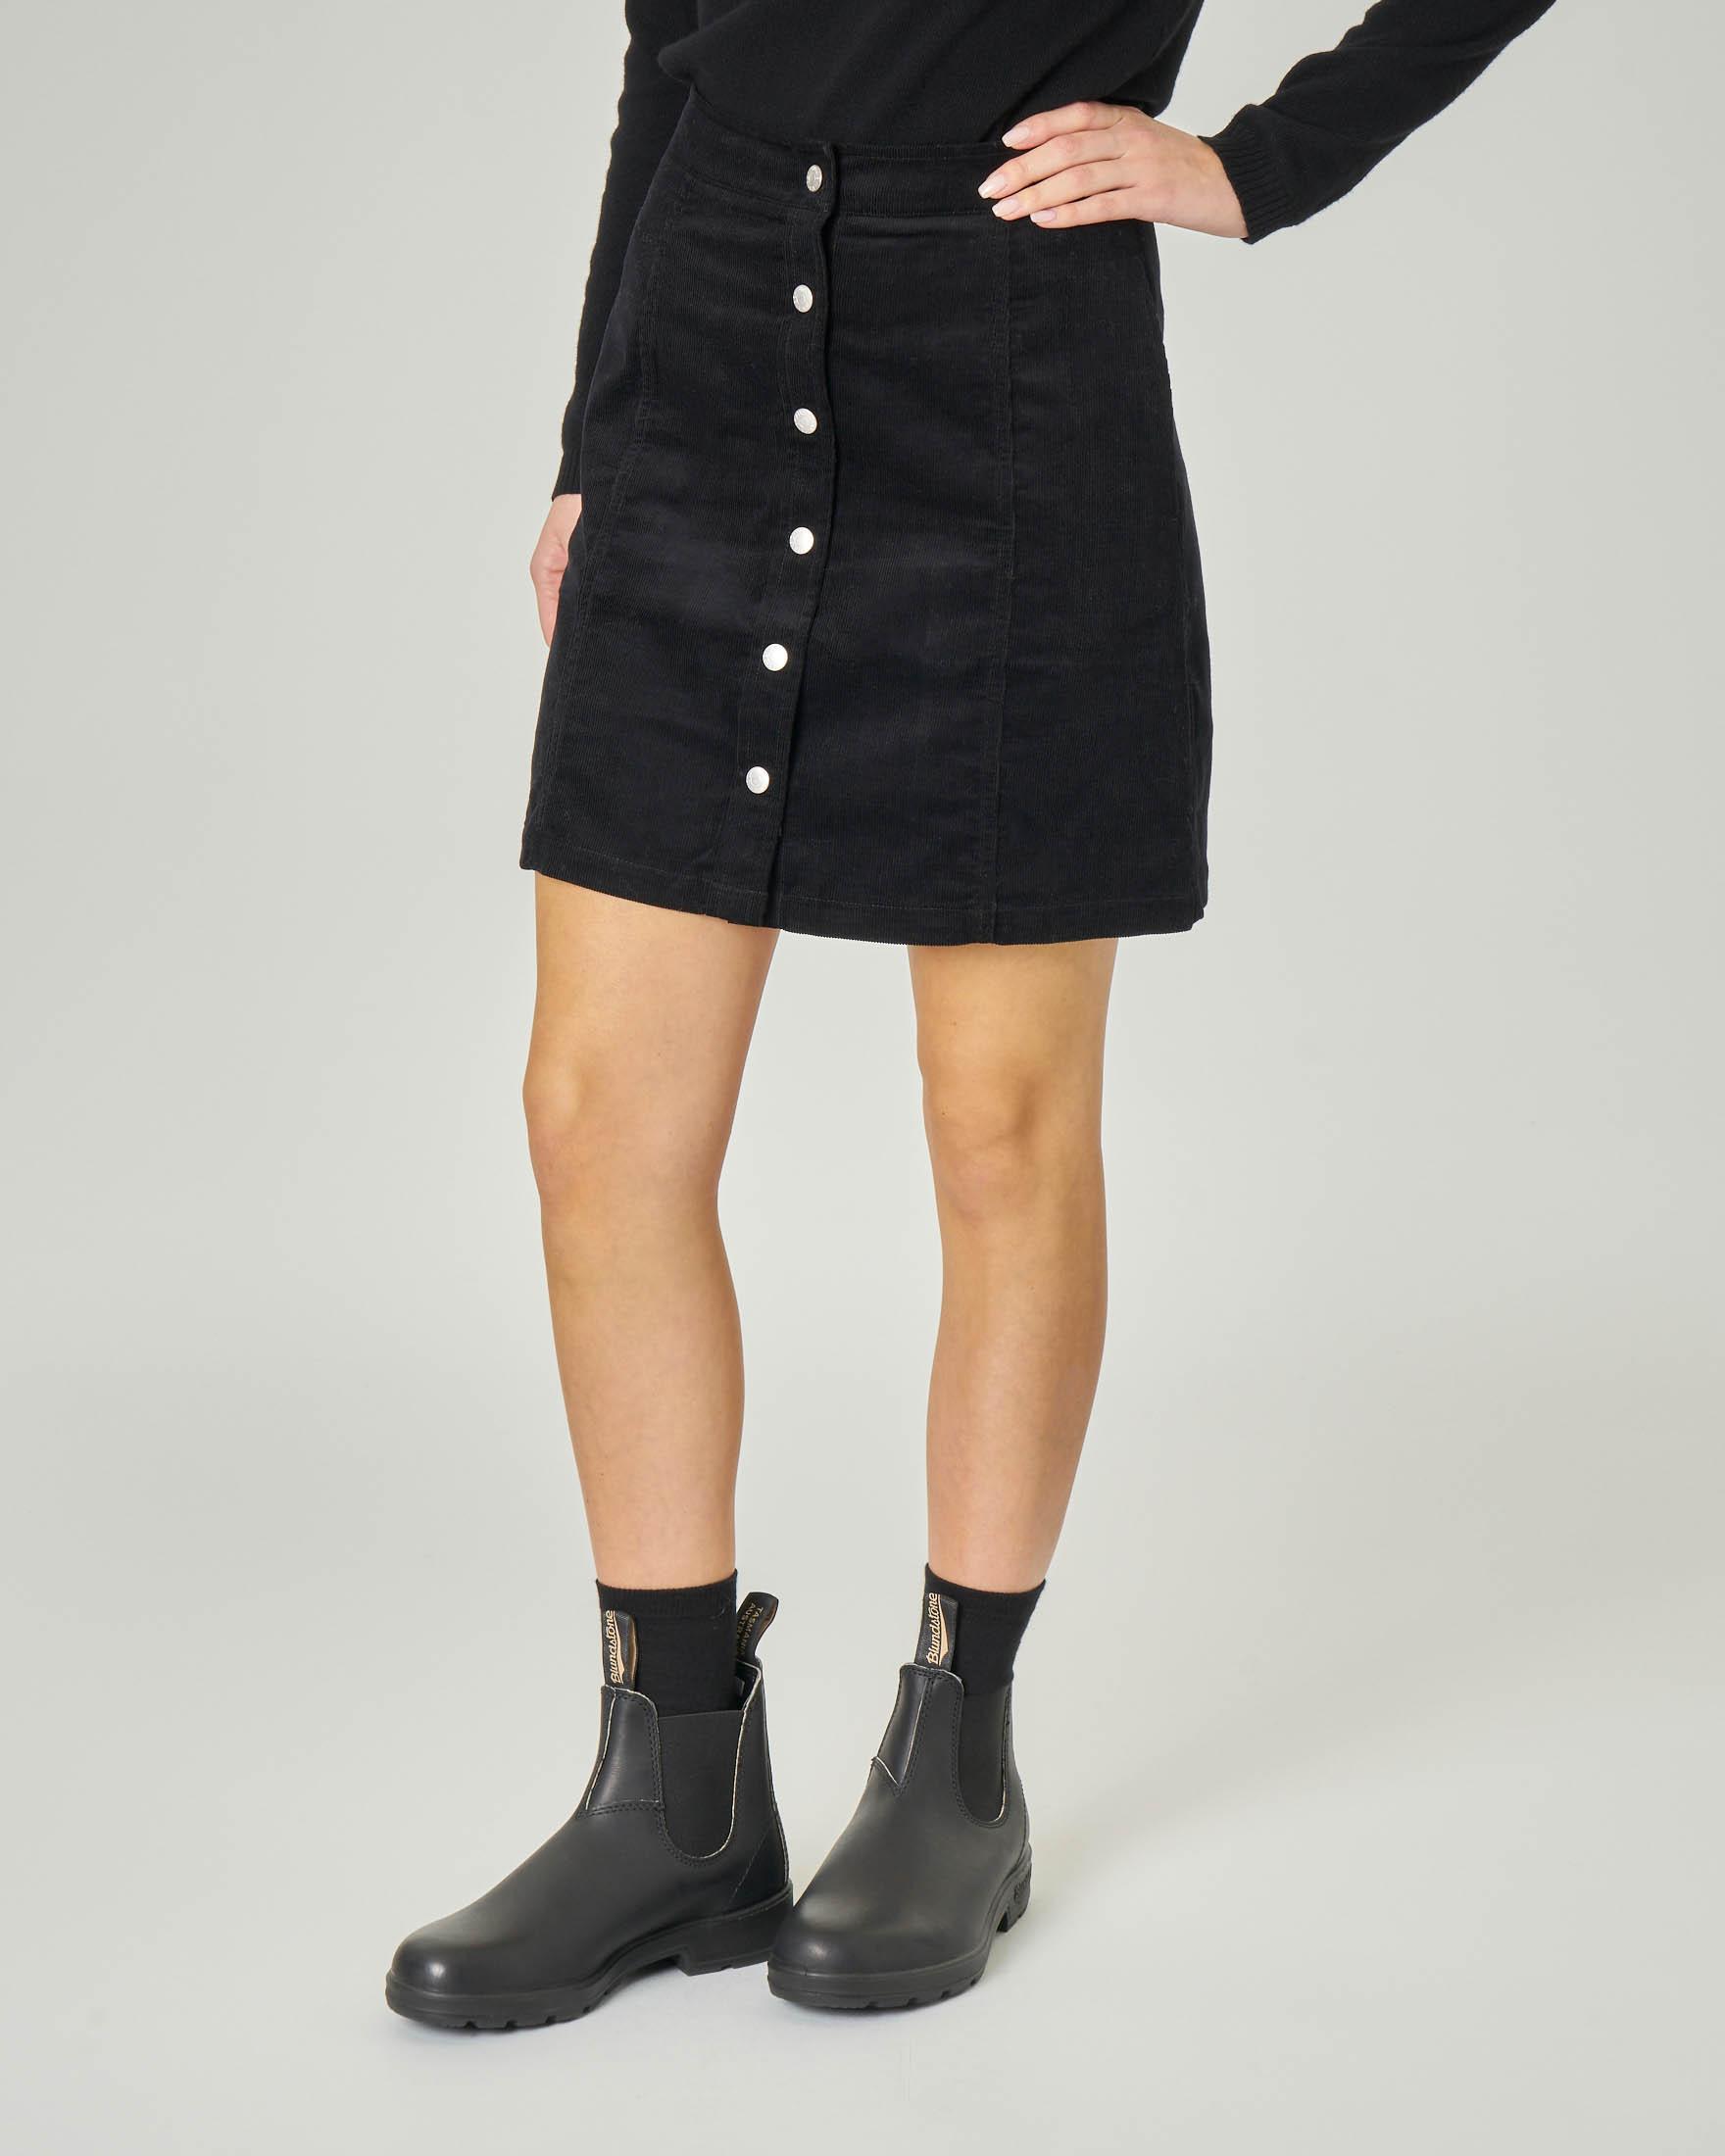 Minigonna nera in velluto millerighe in cotone con bottoni davanti